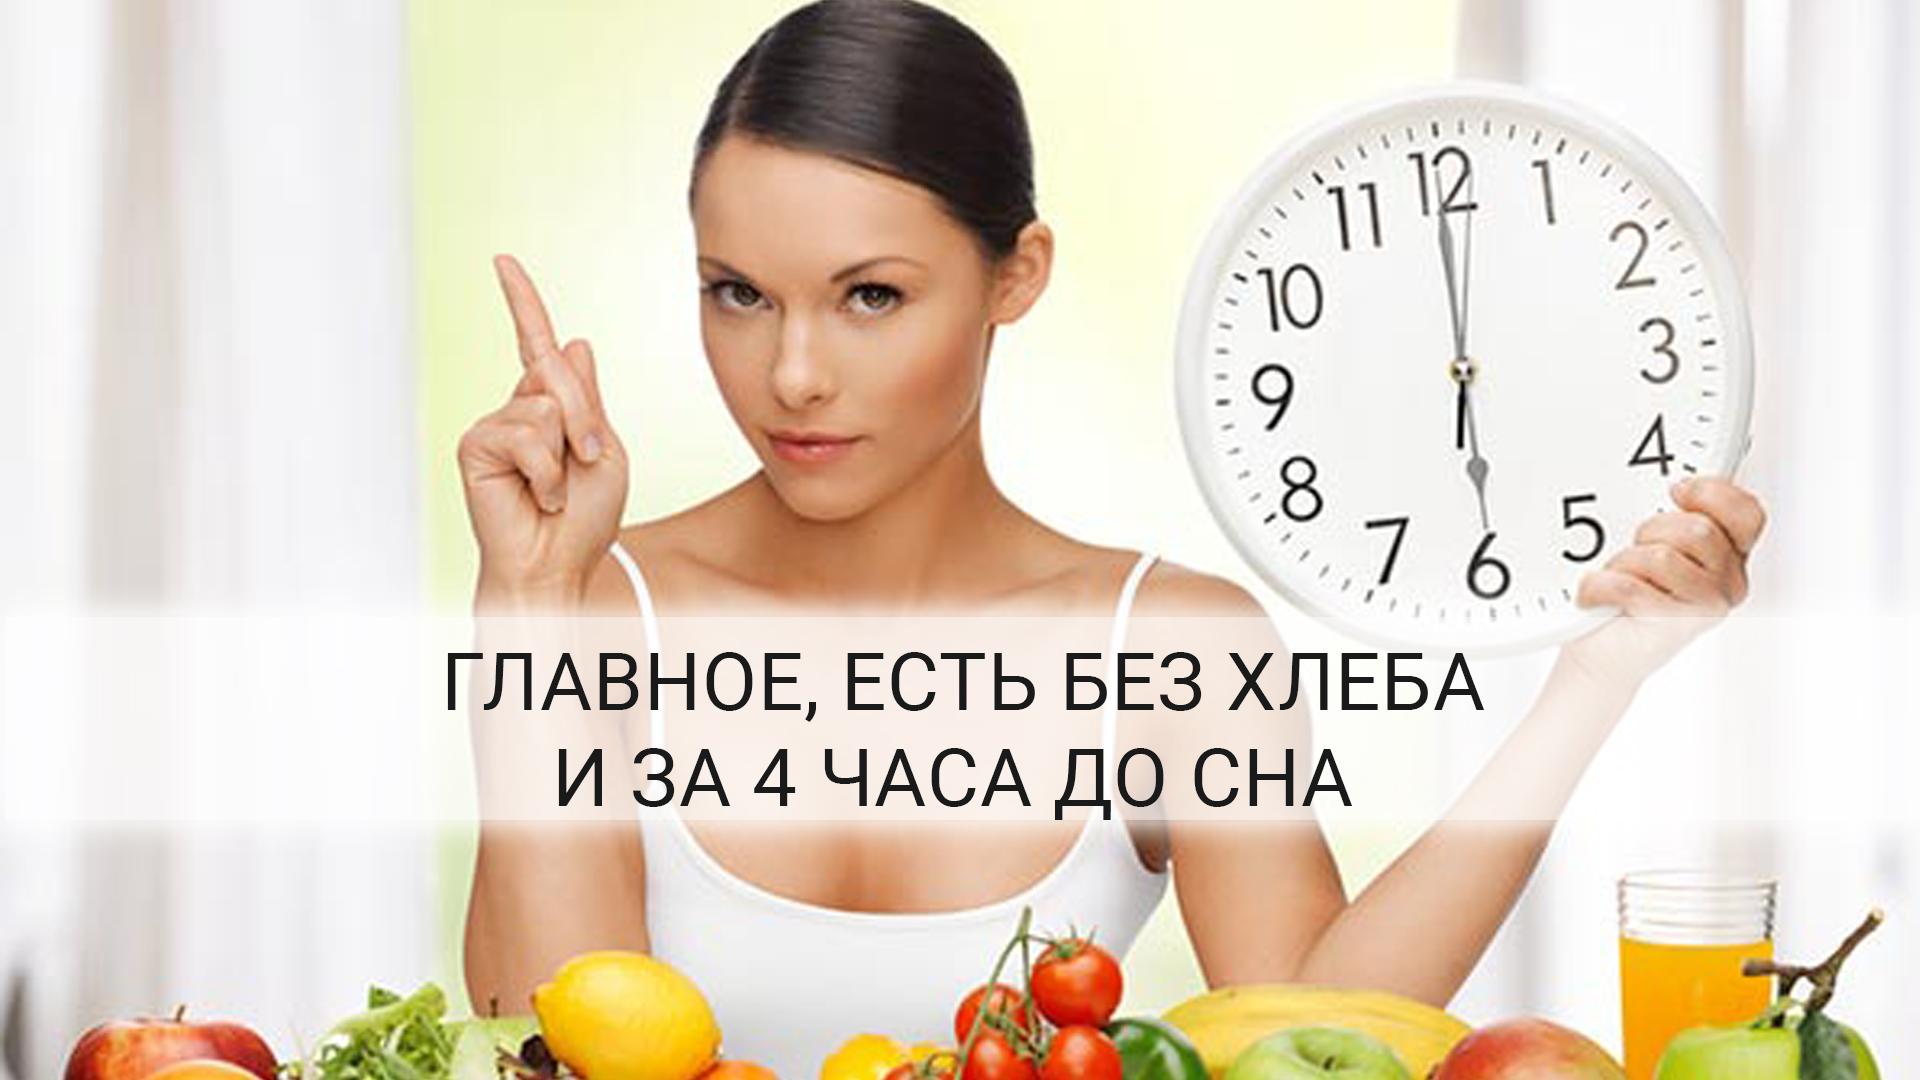 Уральские пельмени жена не ест после 6